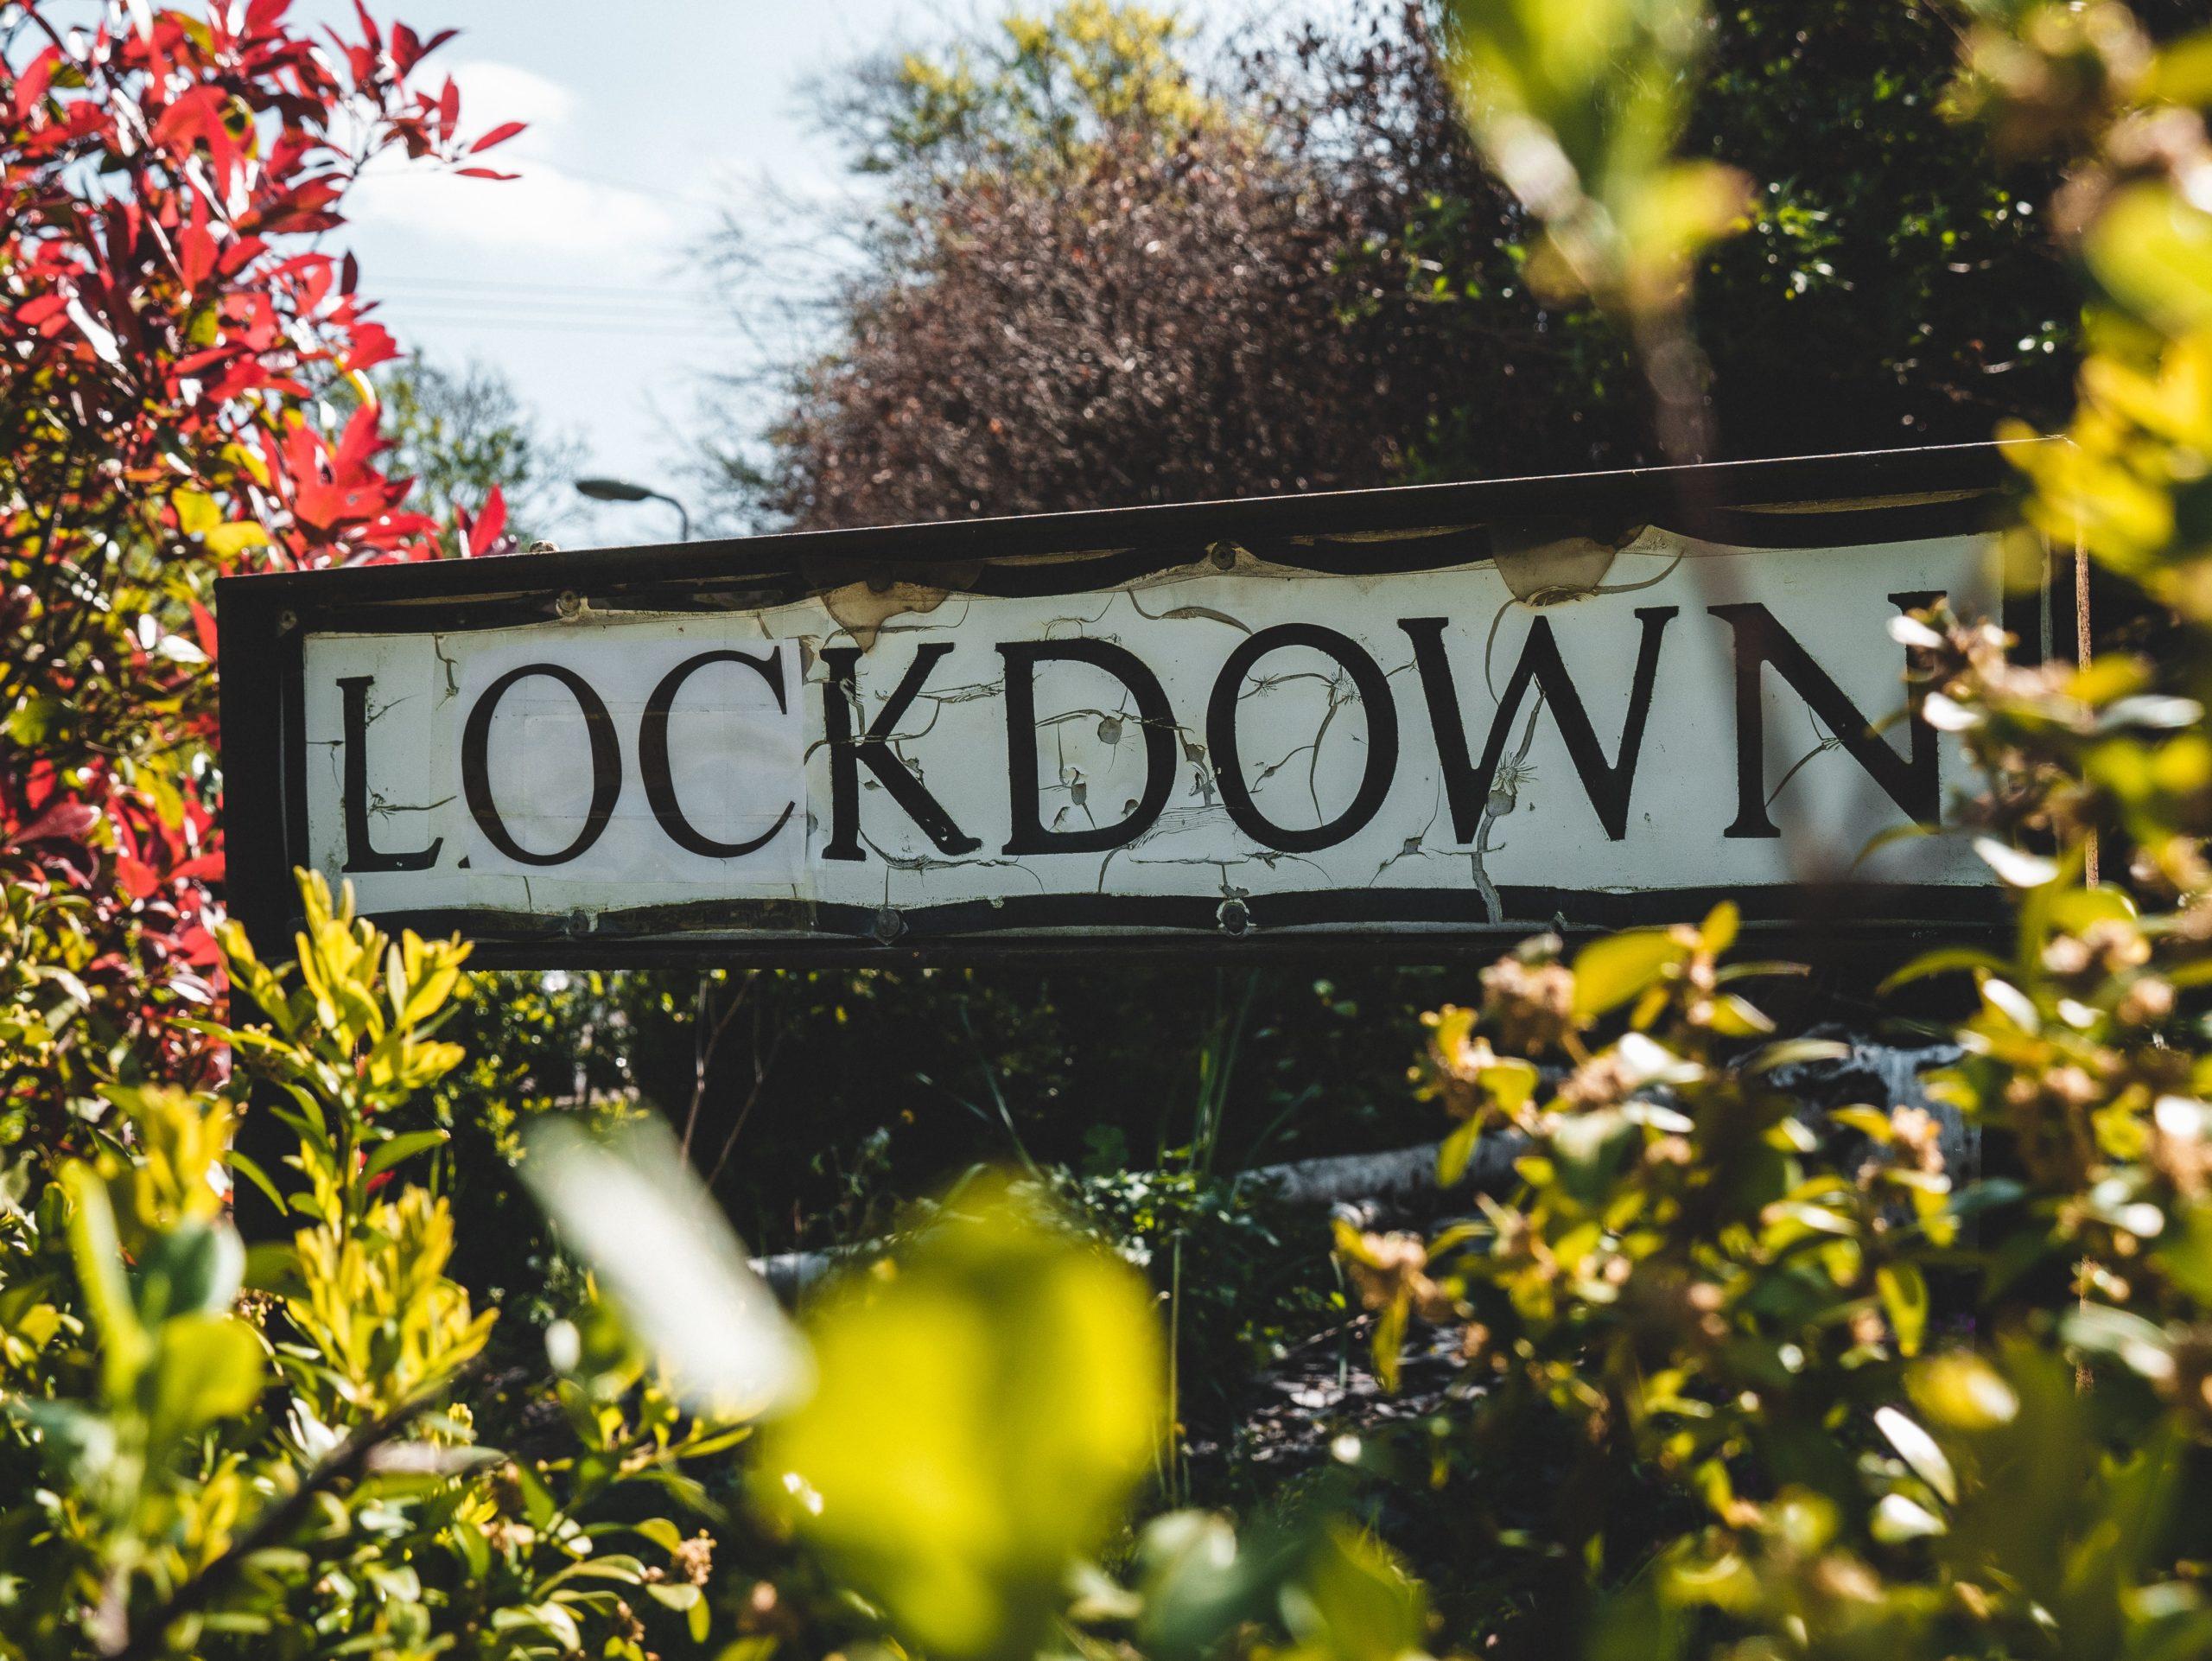 Eigenhuis Schilderplan Lockdown